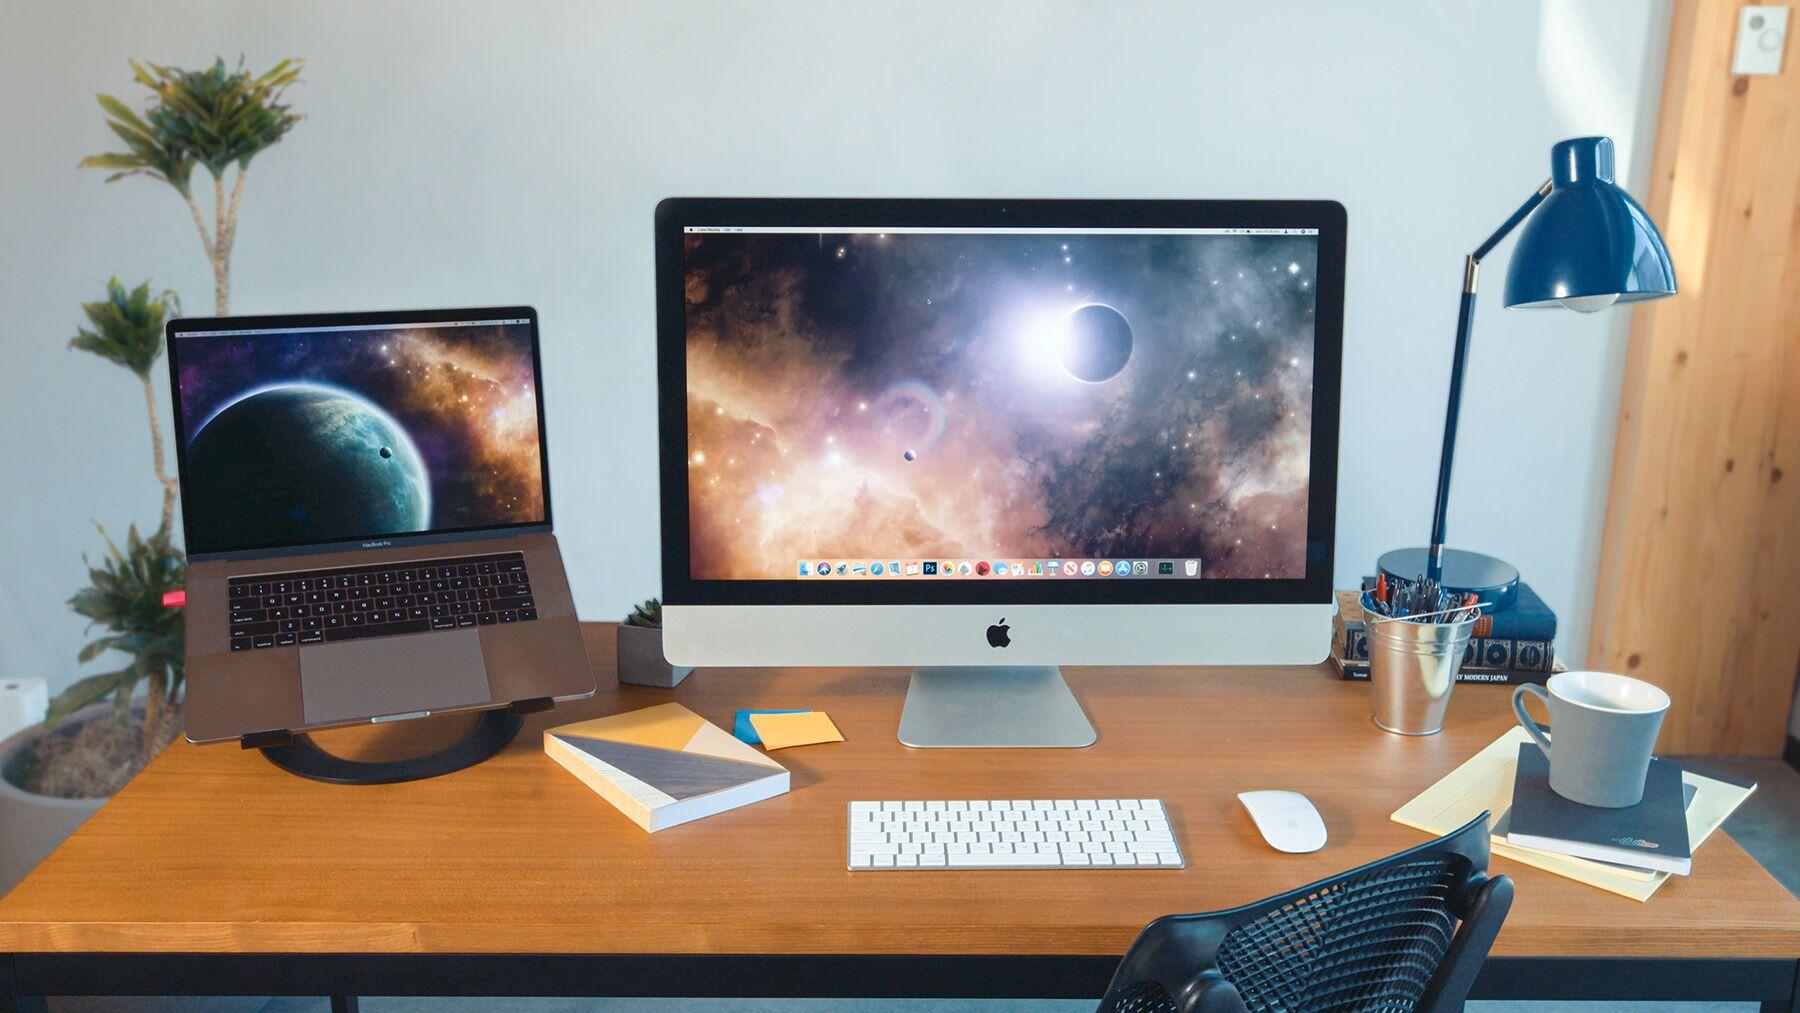 古いmac(iMacやMacbook)をサブディスプレイ・モニターにしてデュアルディスプレイを構築し、在宅ワークや在宅勤務の作業効率を上げるアップさせる方法11